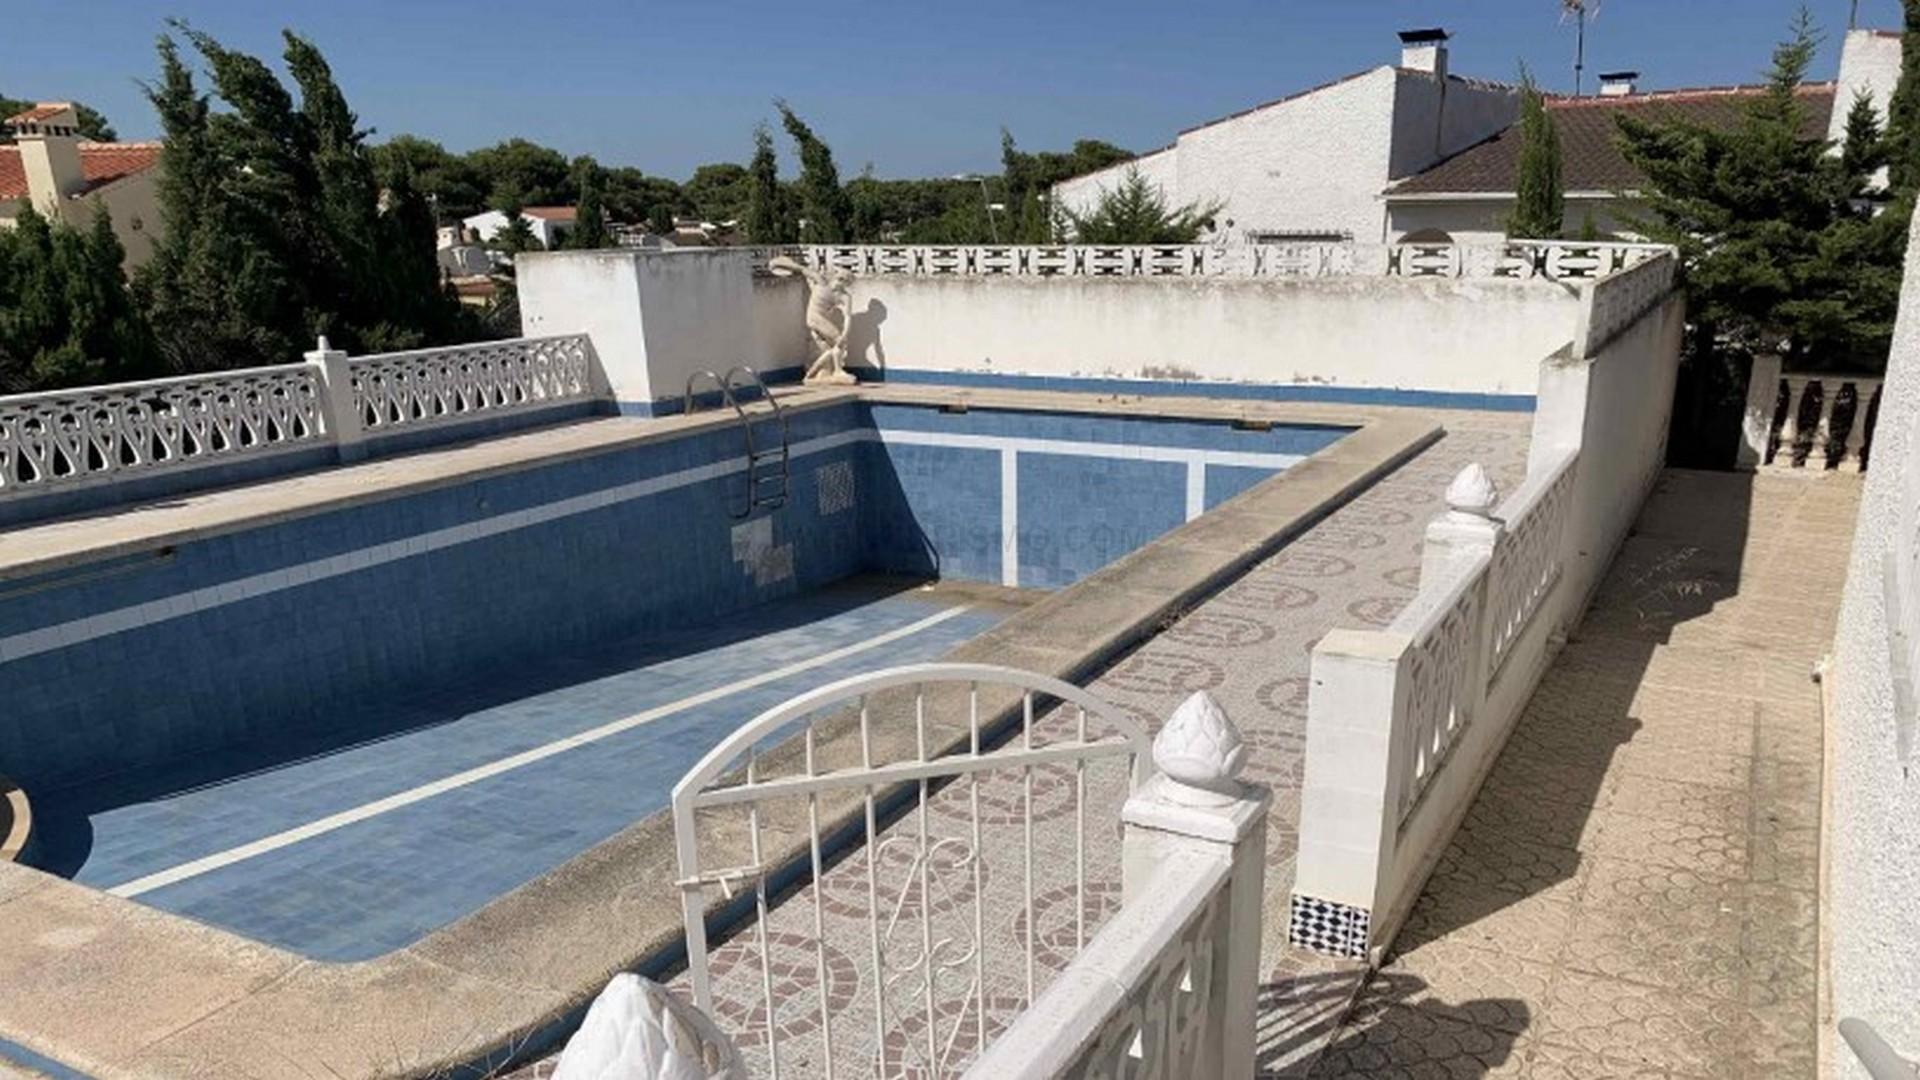 Villa 5 bedrooms 3 bathrooms in Torrevieja